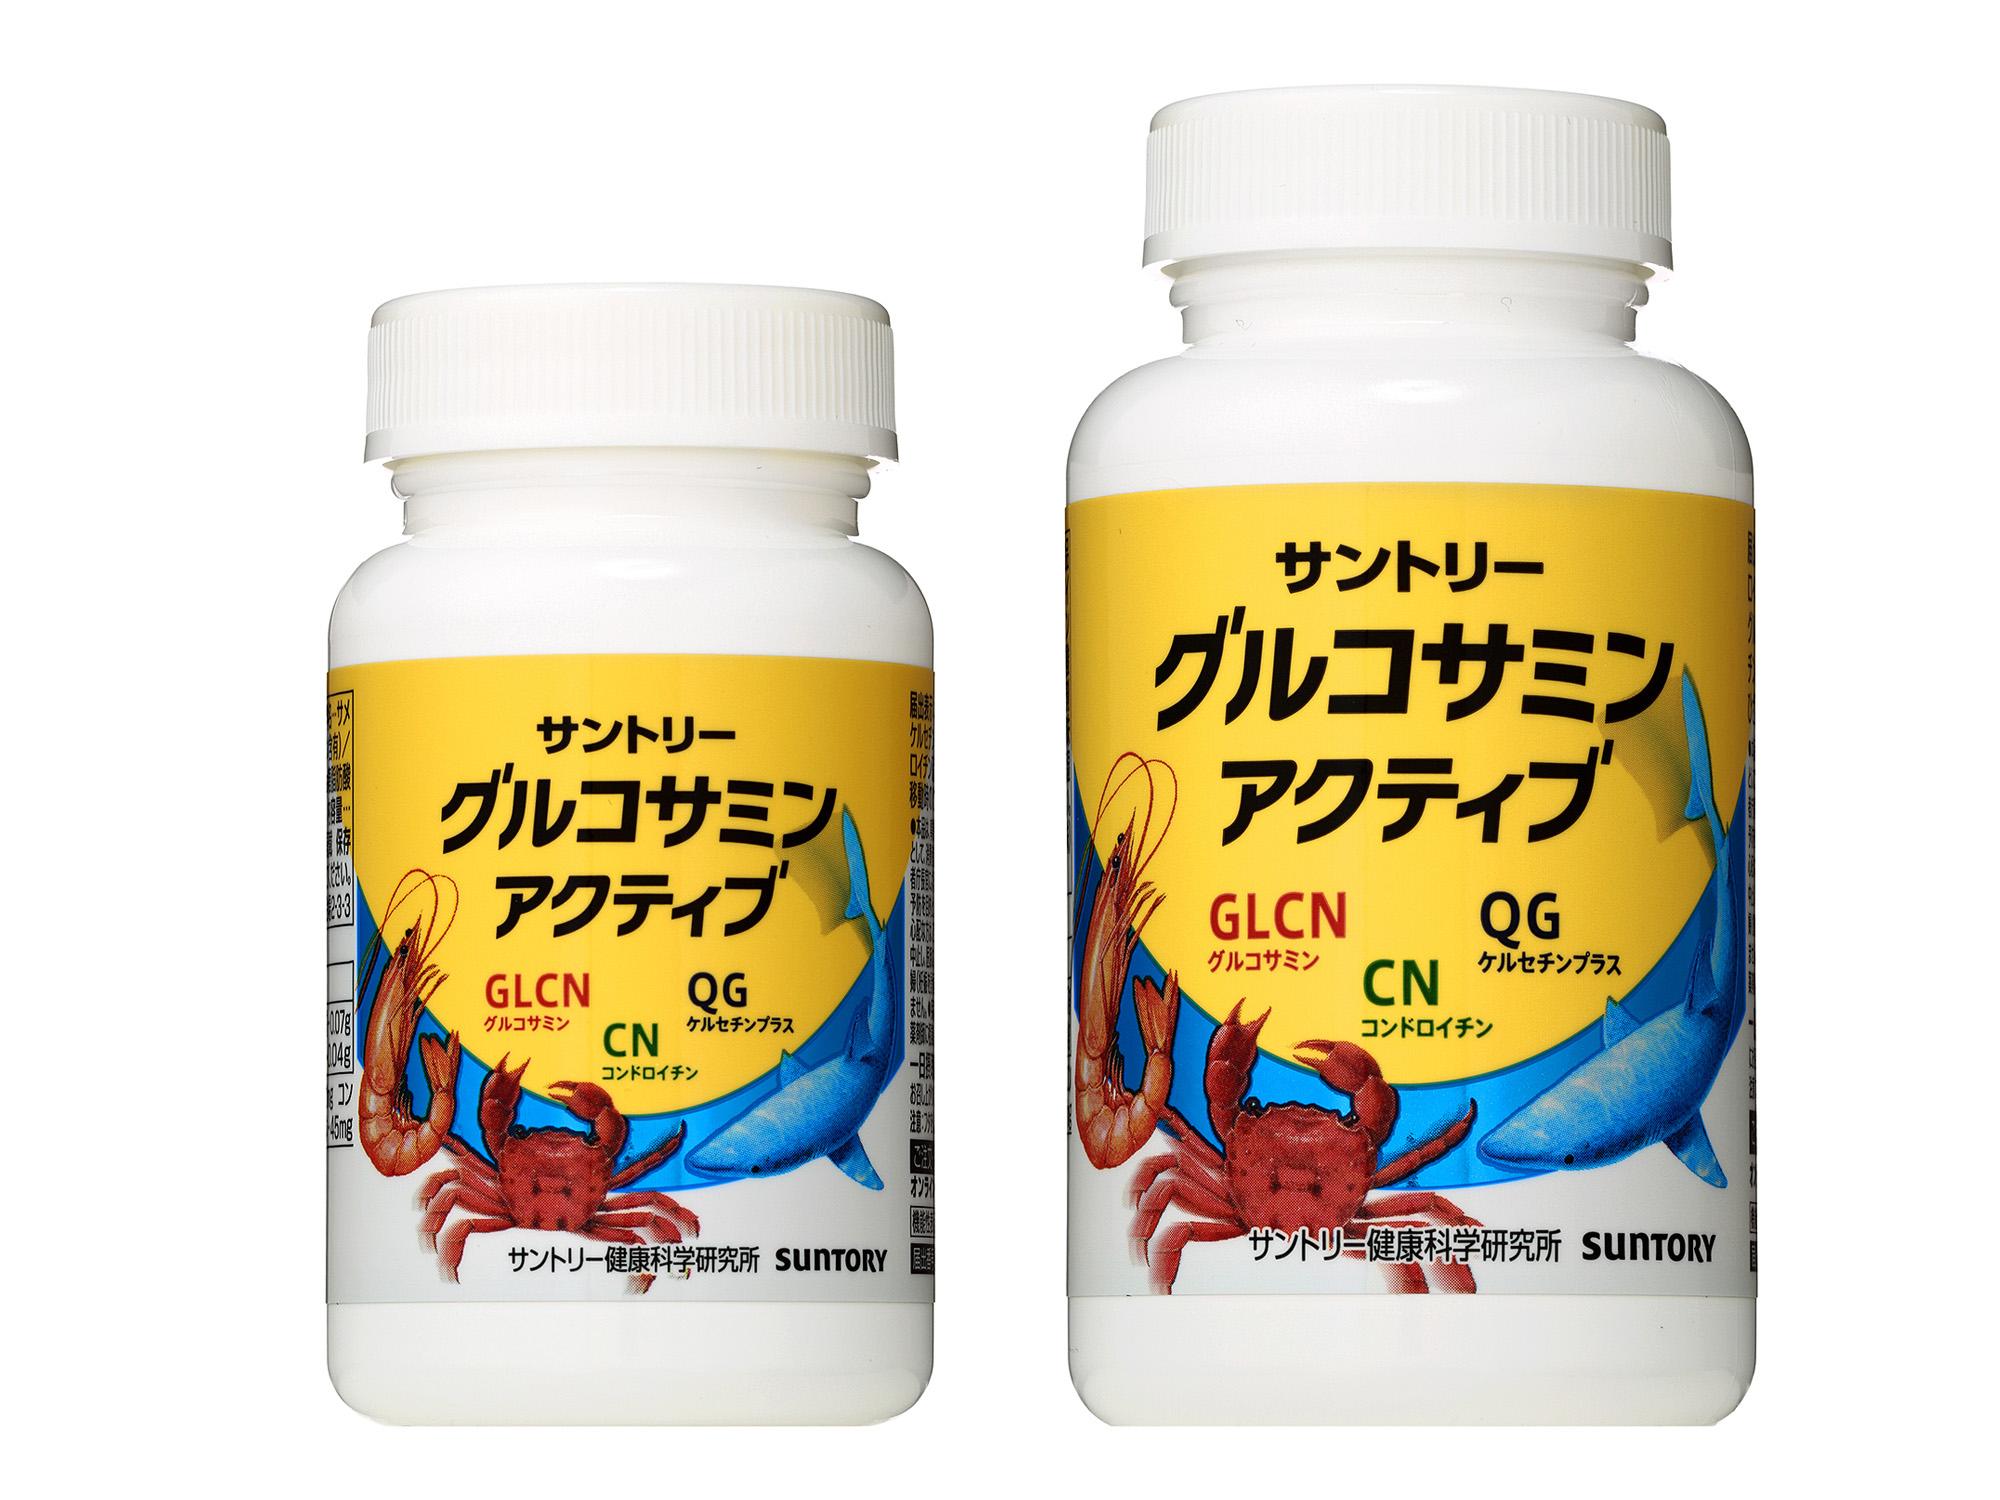 無料 アクティブ サントリー グルコサミン グルコサミンアクティブ[サントリー]無料お試しセット